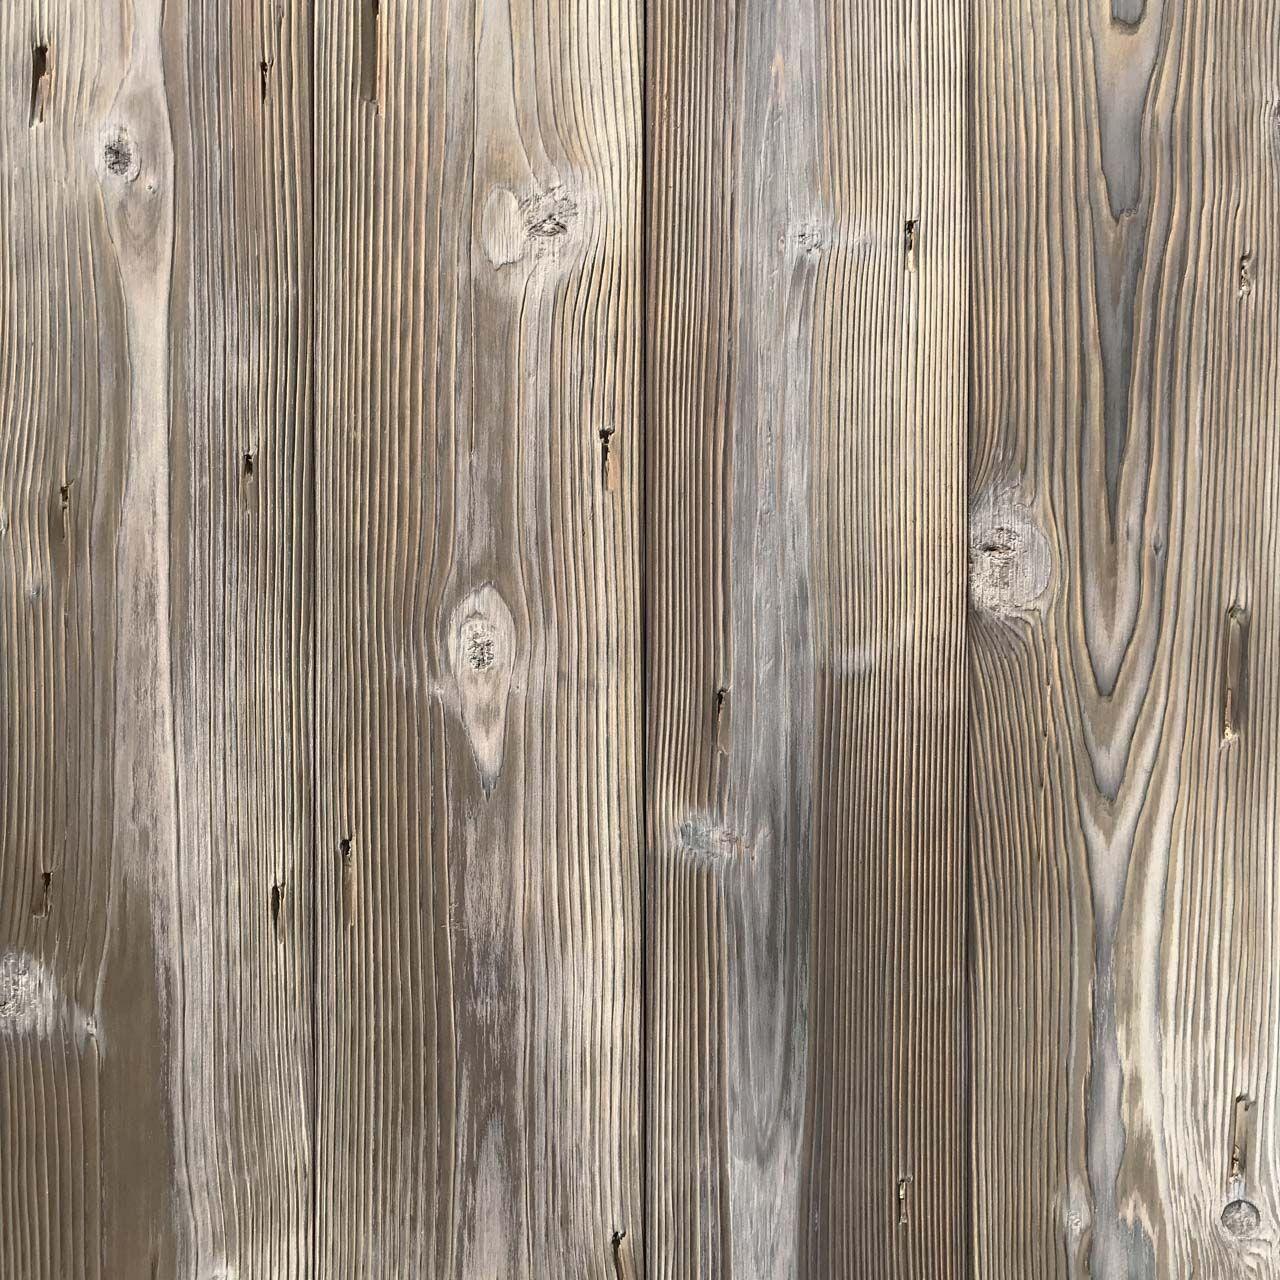 Exterior Cedar Siding Cedar Siding Exterior Wood Exterior